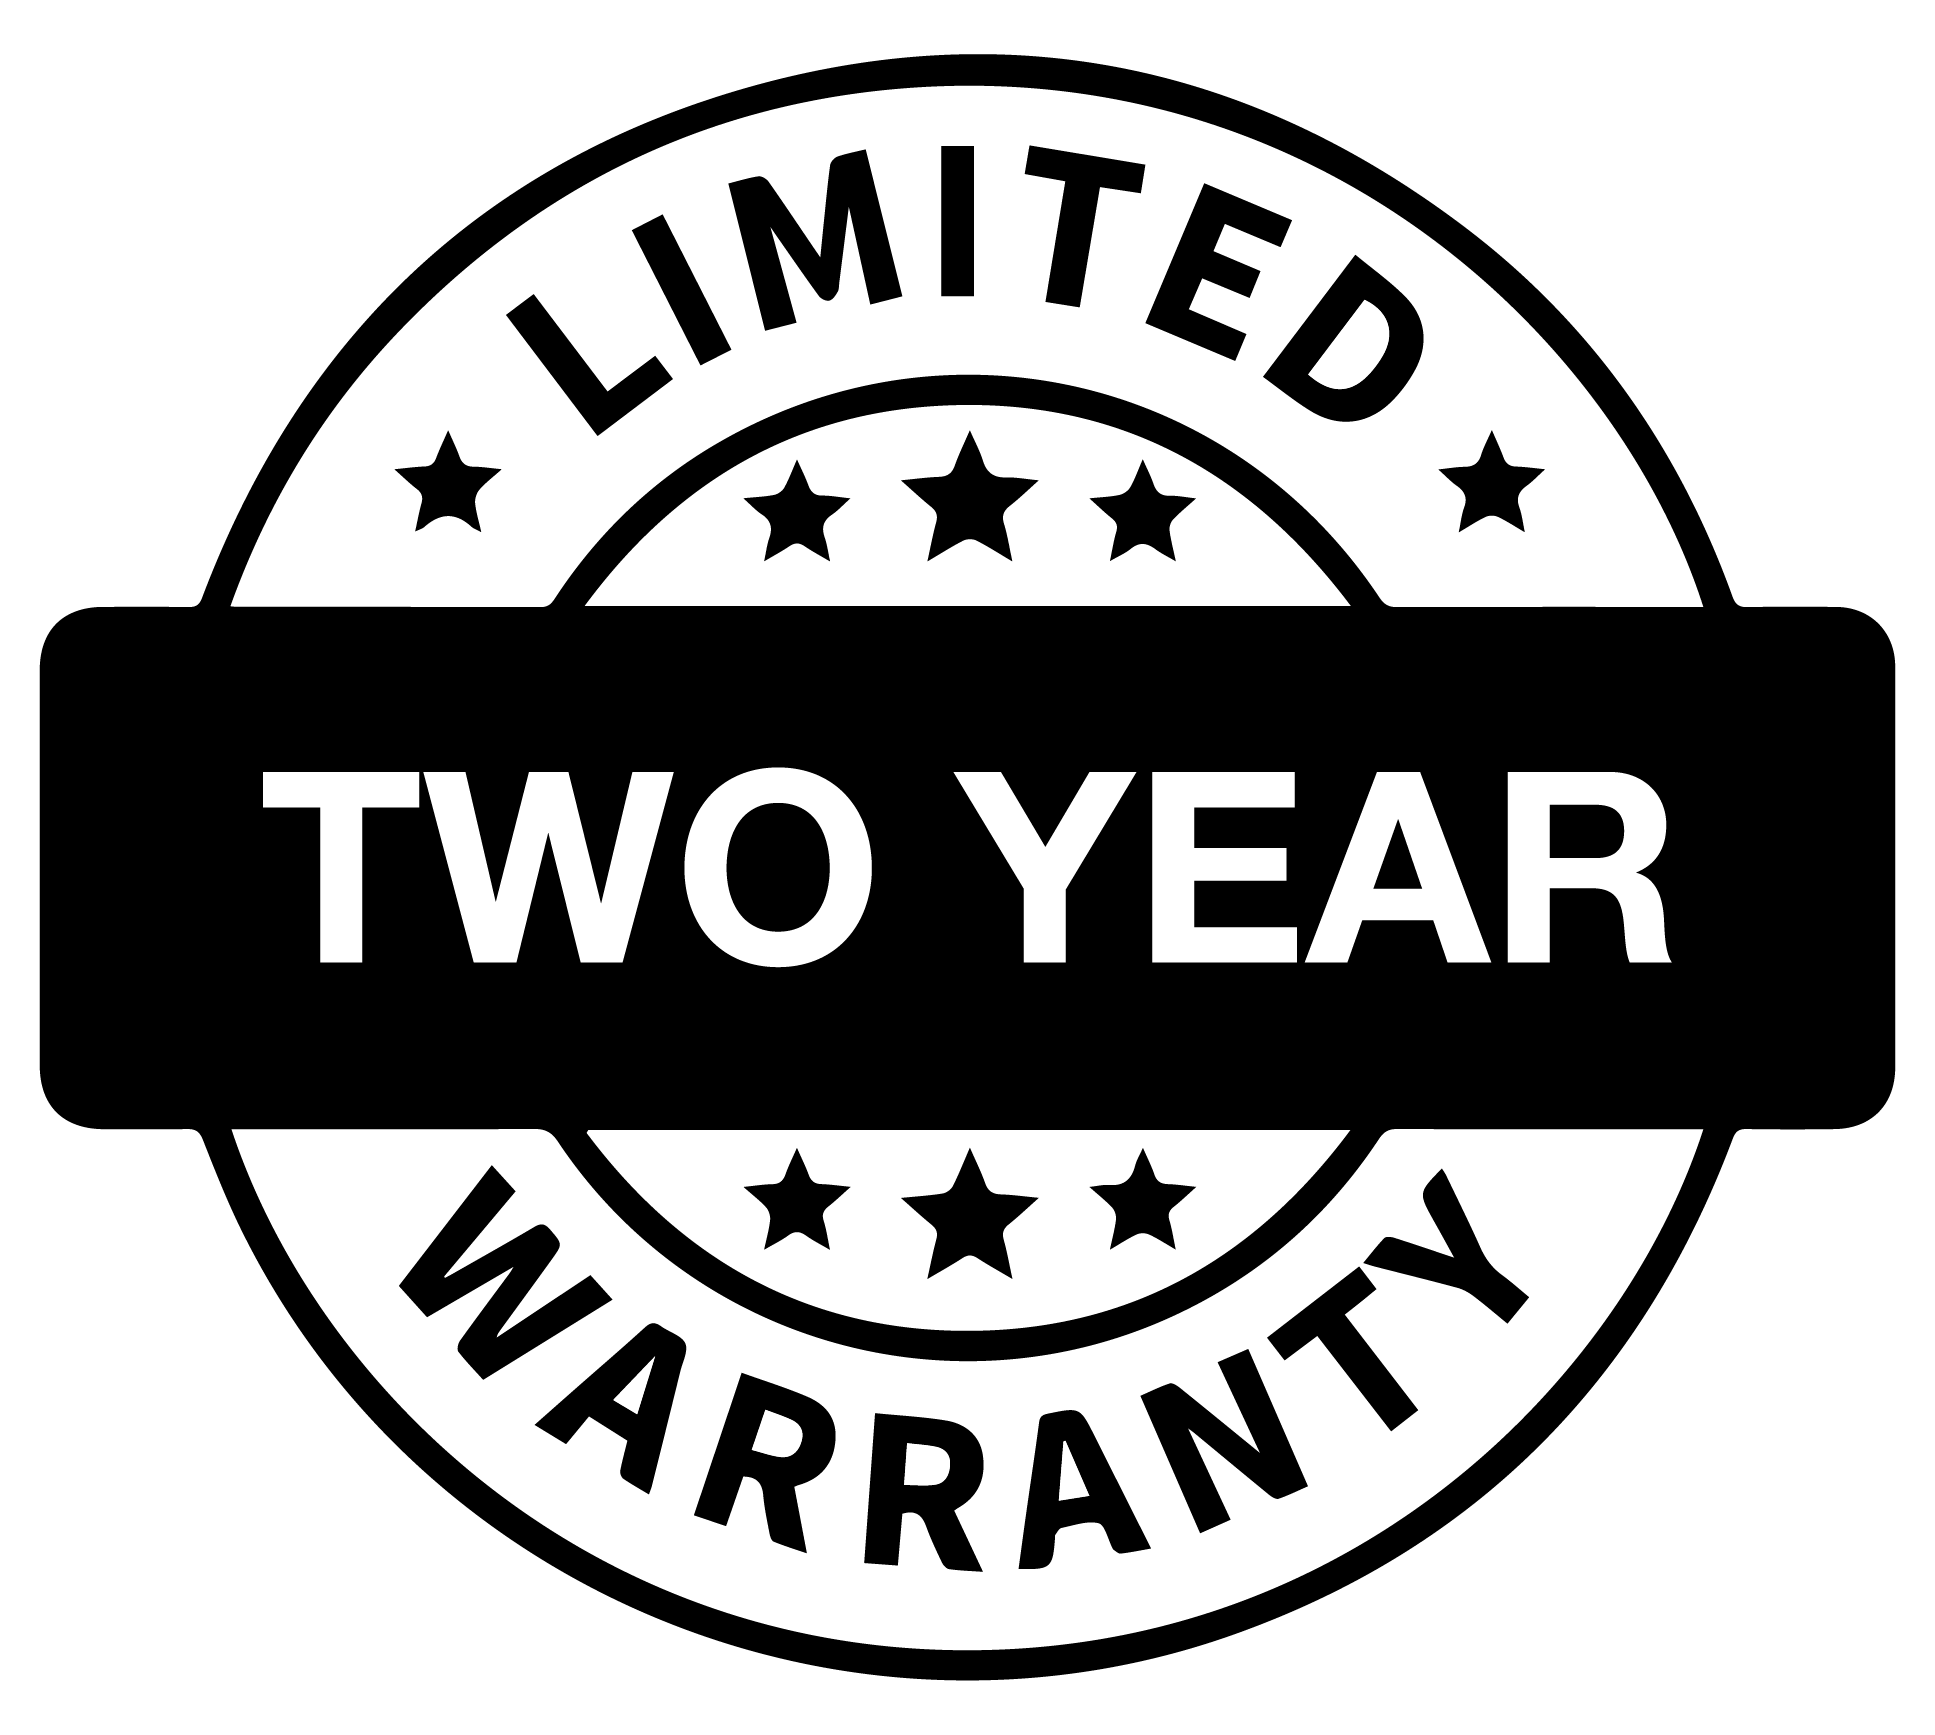 Limited Warranty 1 year 01